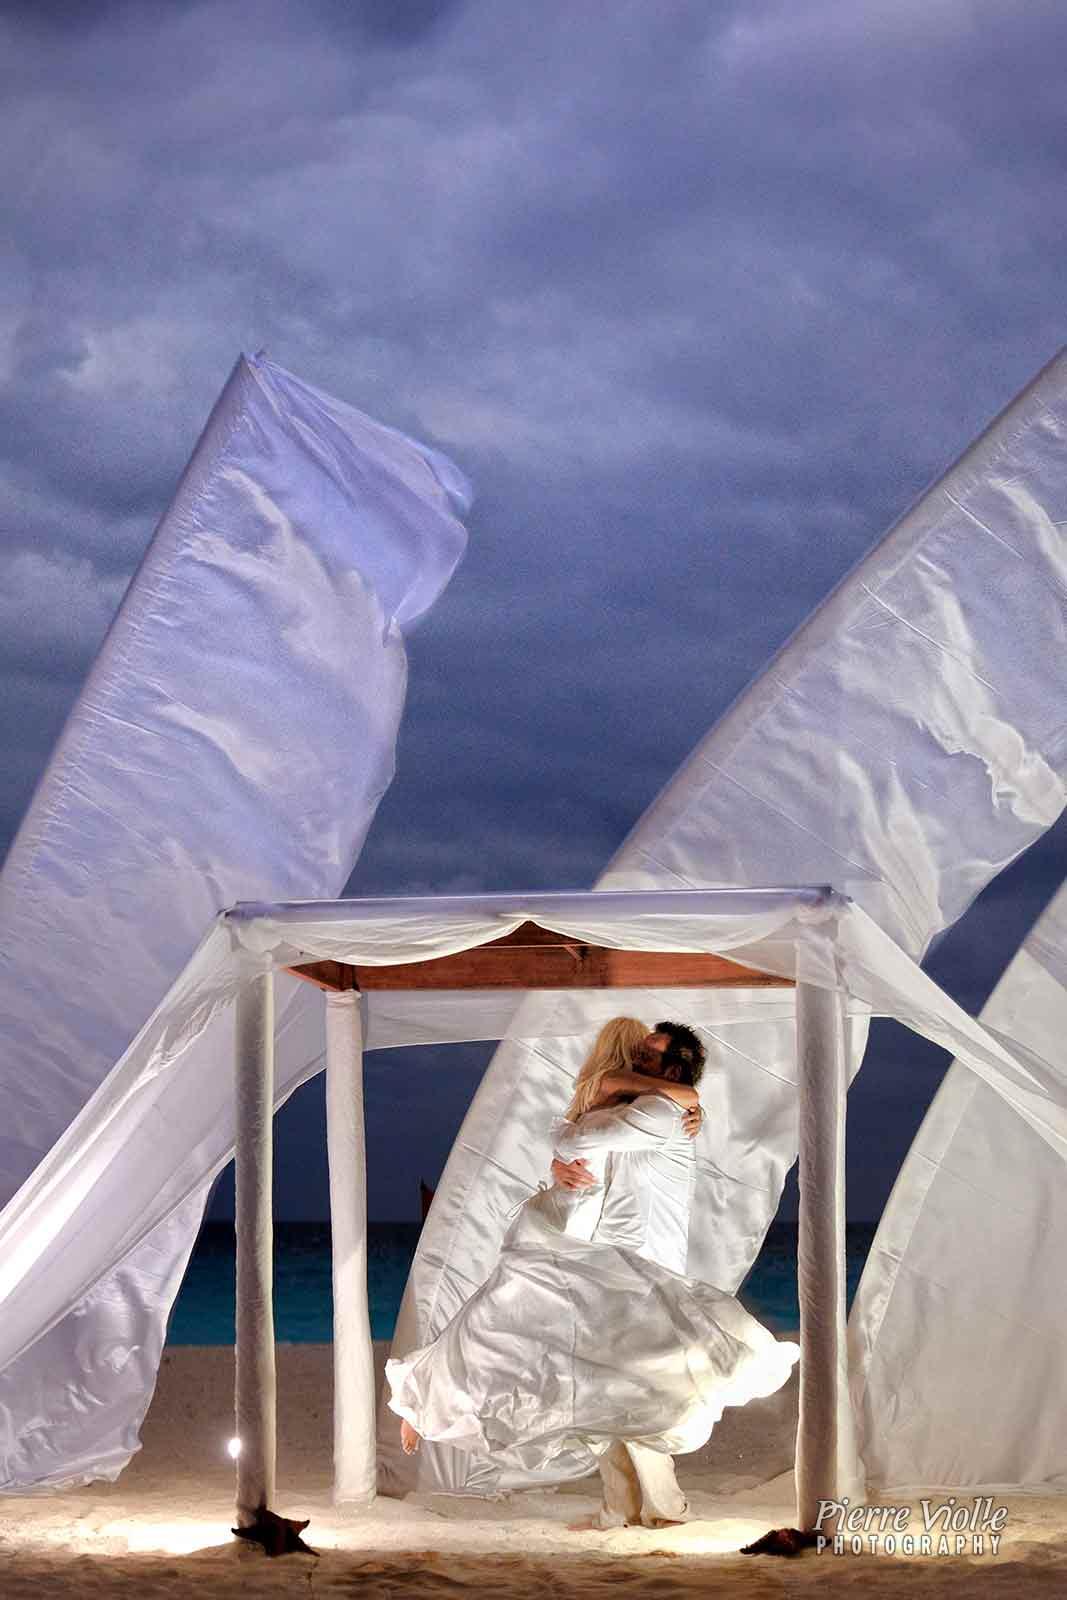 mariage de Santana sur la plage du Royal cancun resort